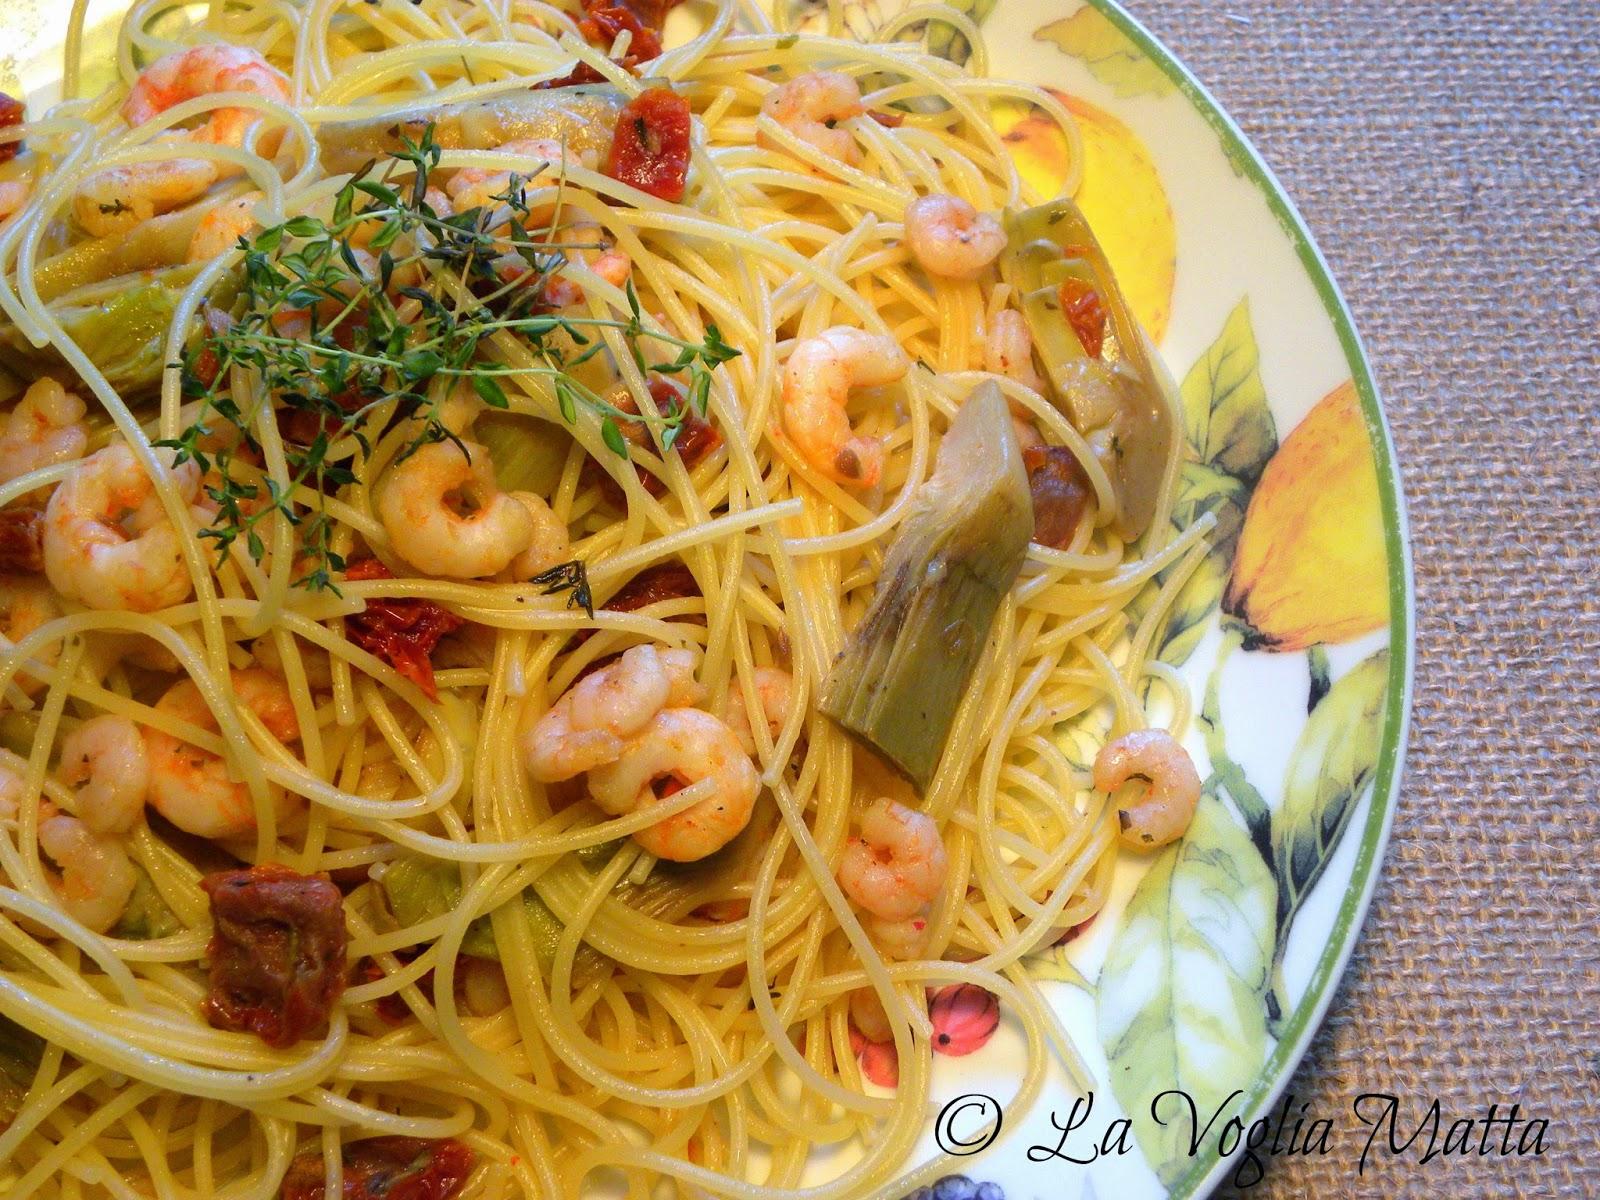 spaghetti con gamberetti, carciofi e pomodori secchi